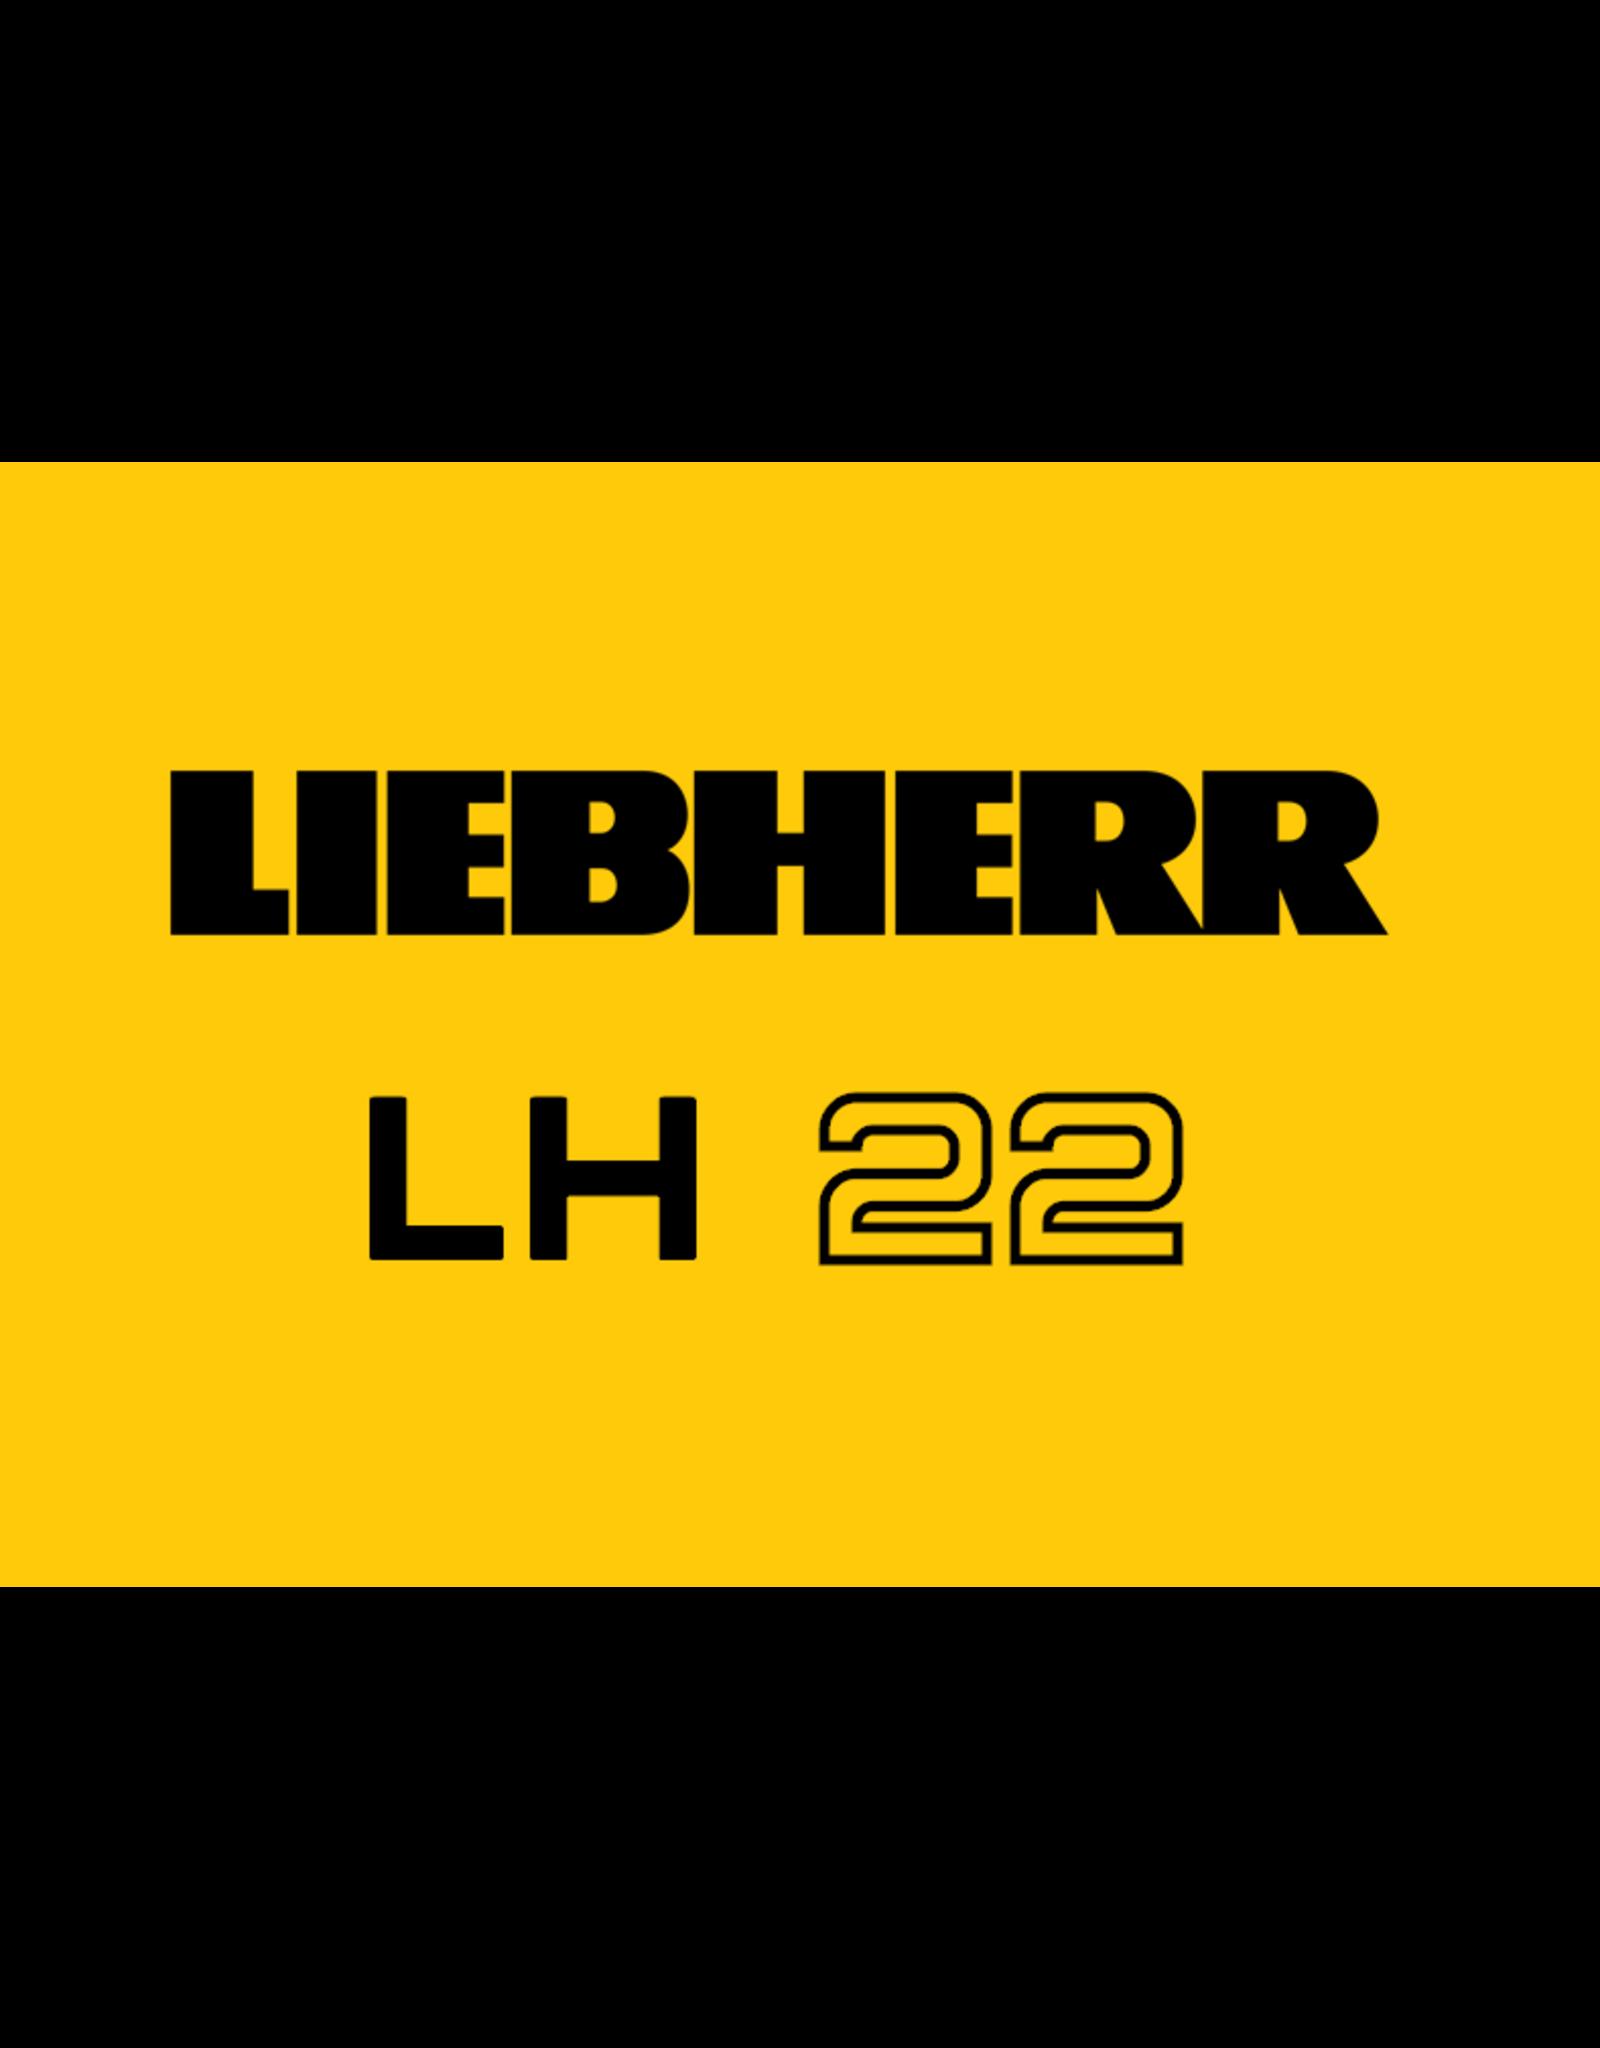 Echle Hartstahl GmbH FOPS für Liebherr LH 22